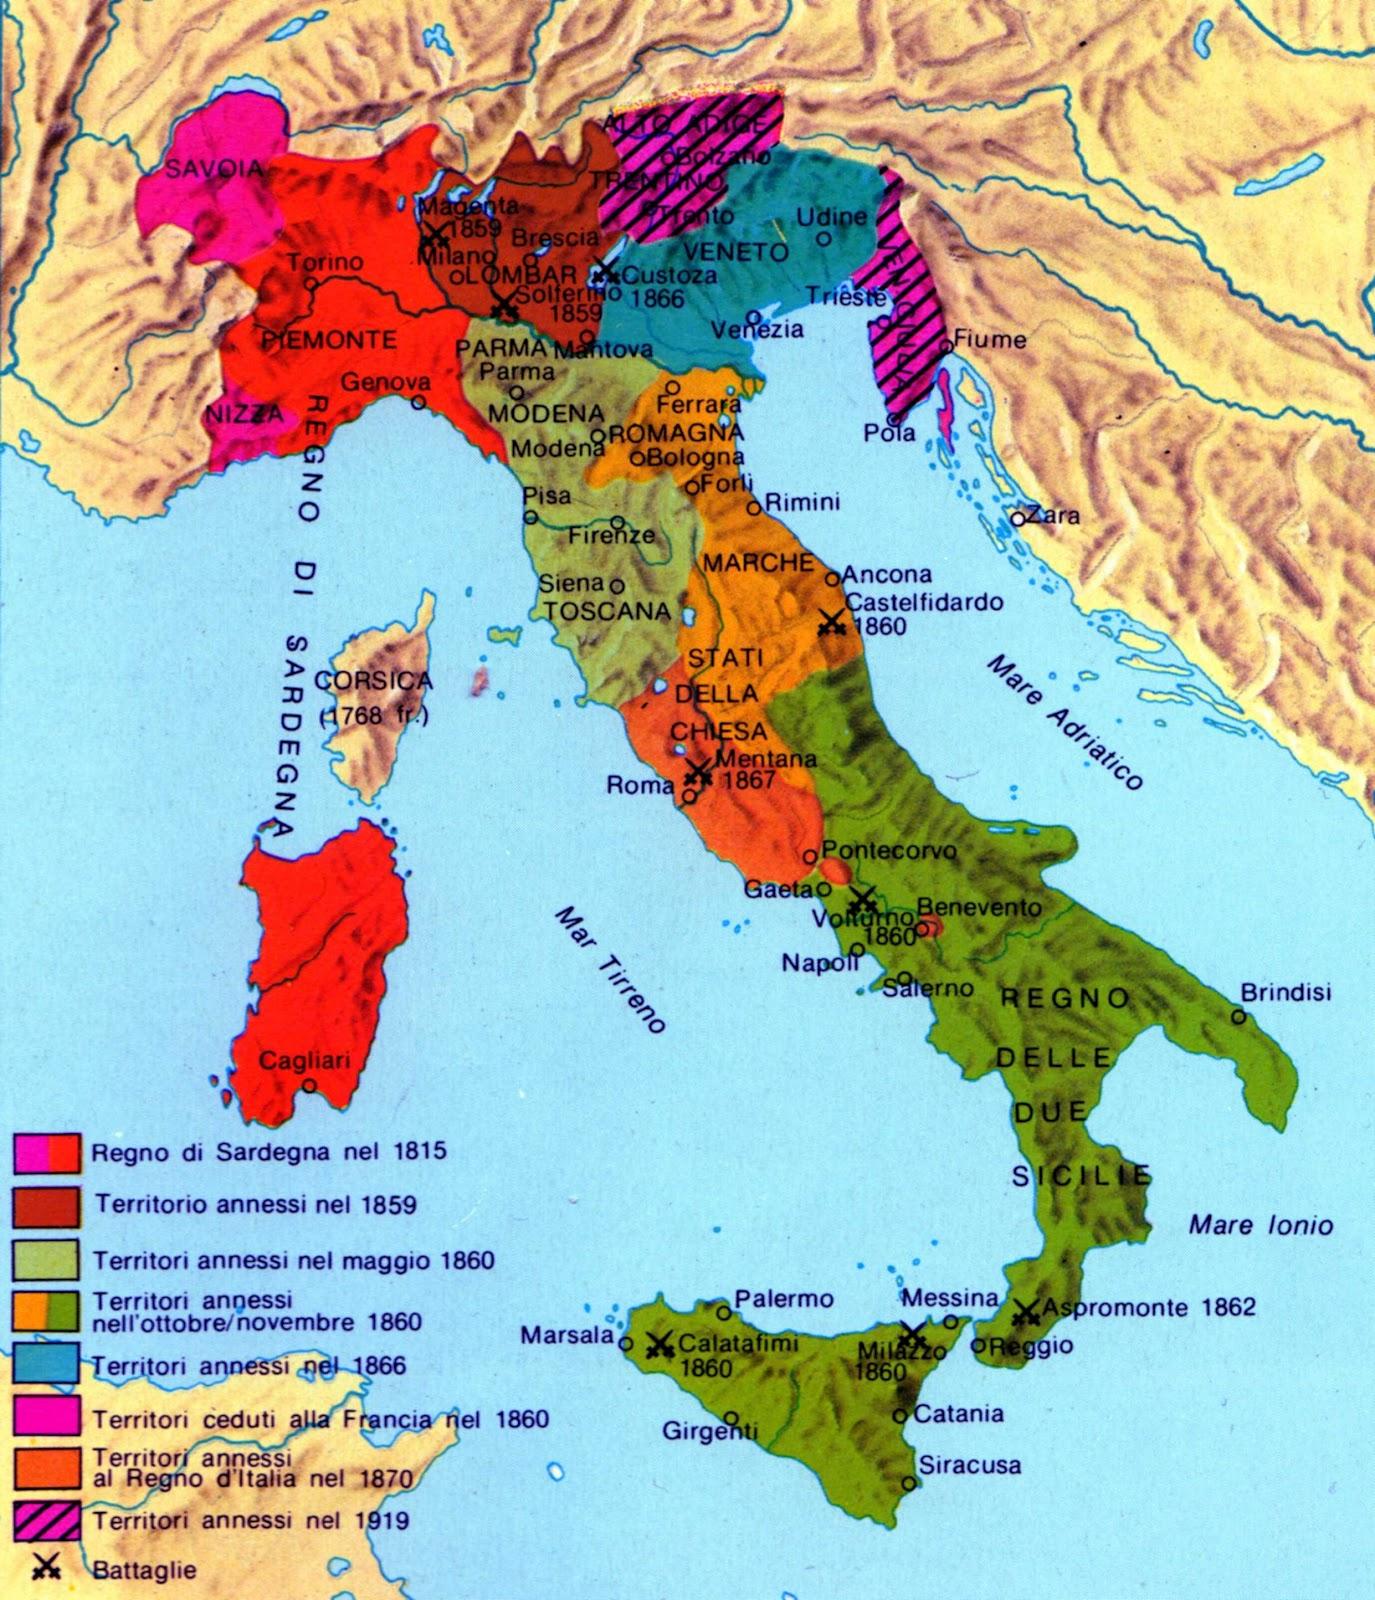 Cartina Italia Politica 1940.Economia Economia Politica 5 In Italia Dal 1960 Al 1990